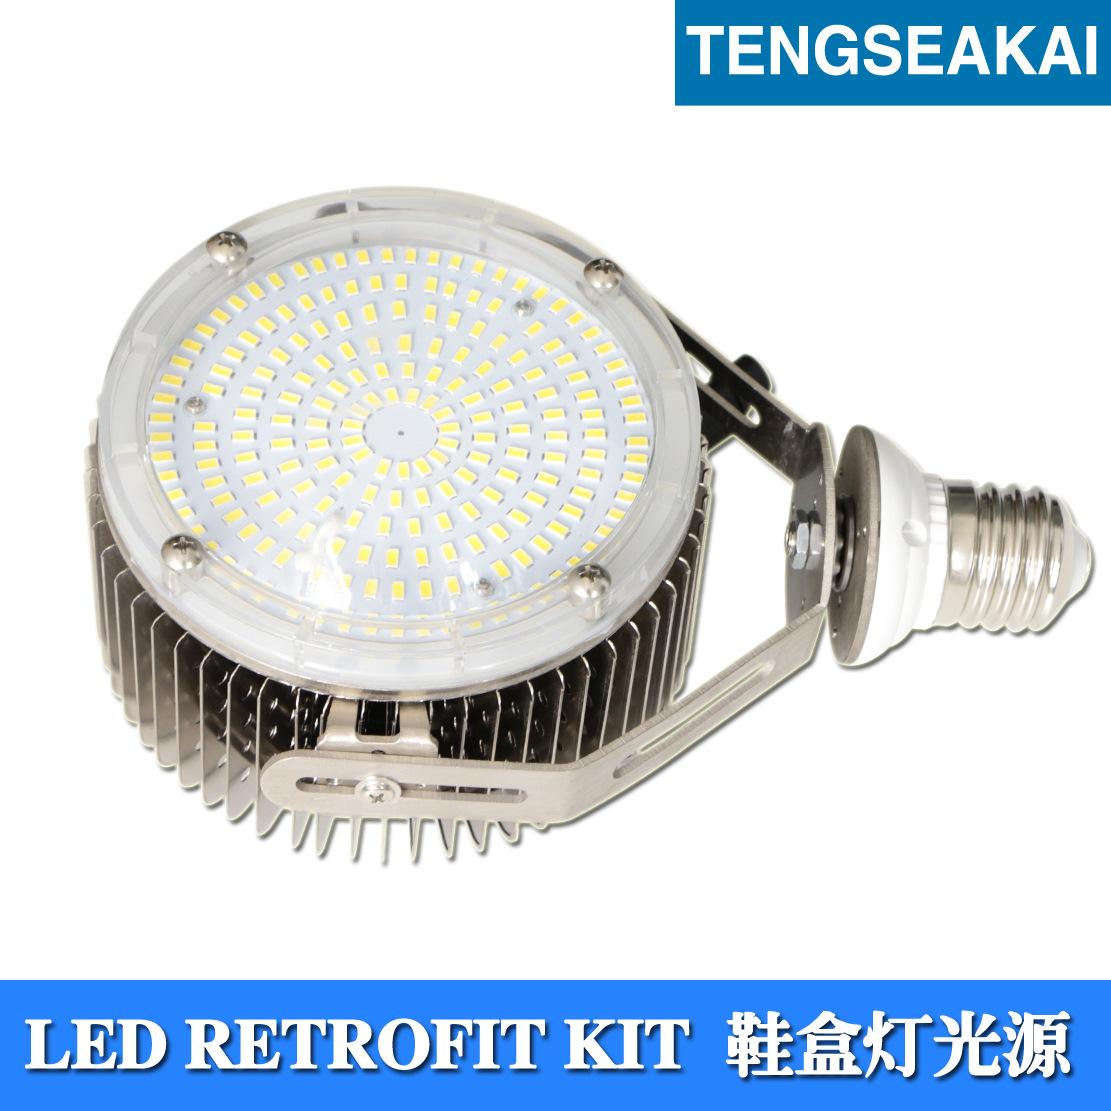 Bóng đèn LED bắp ngô 360 độ điều chỉnh đèn chiếu sáng LED bên cạnh Ngô 120W 150W 180W 200W trạm xăng